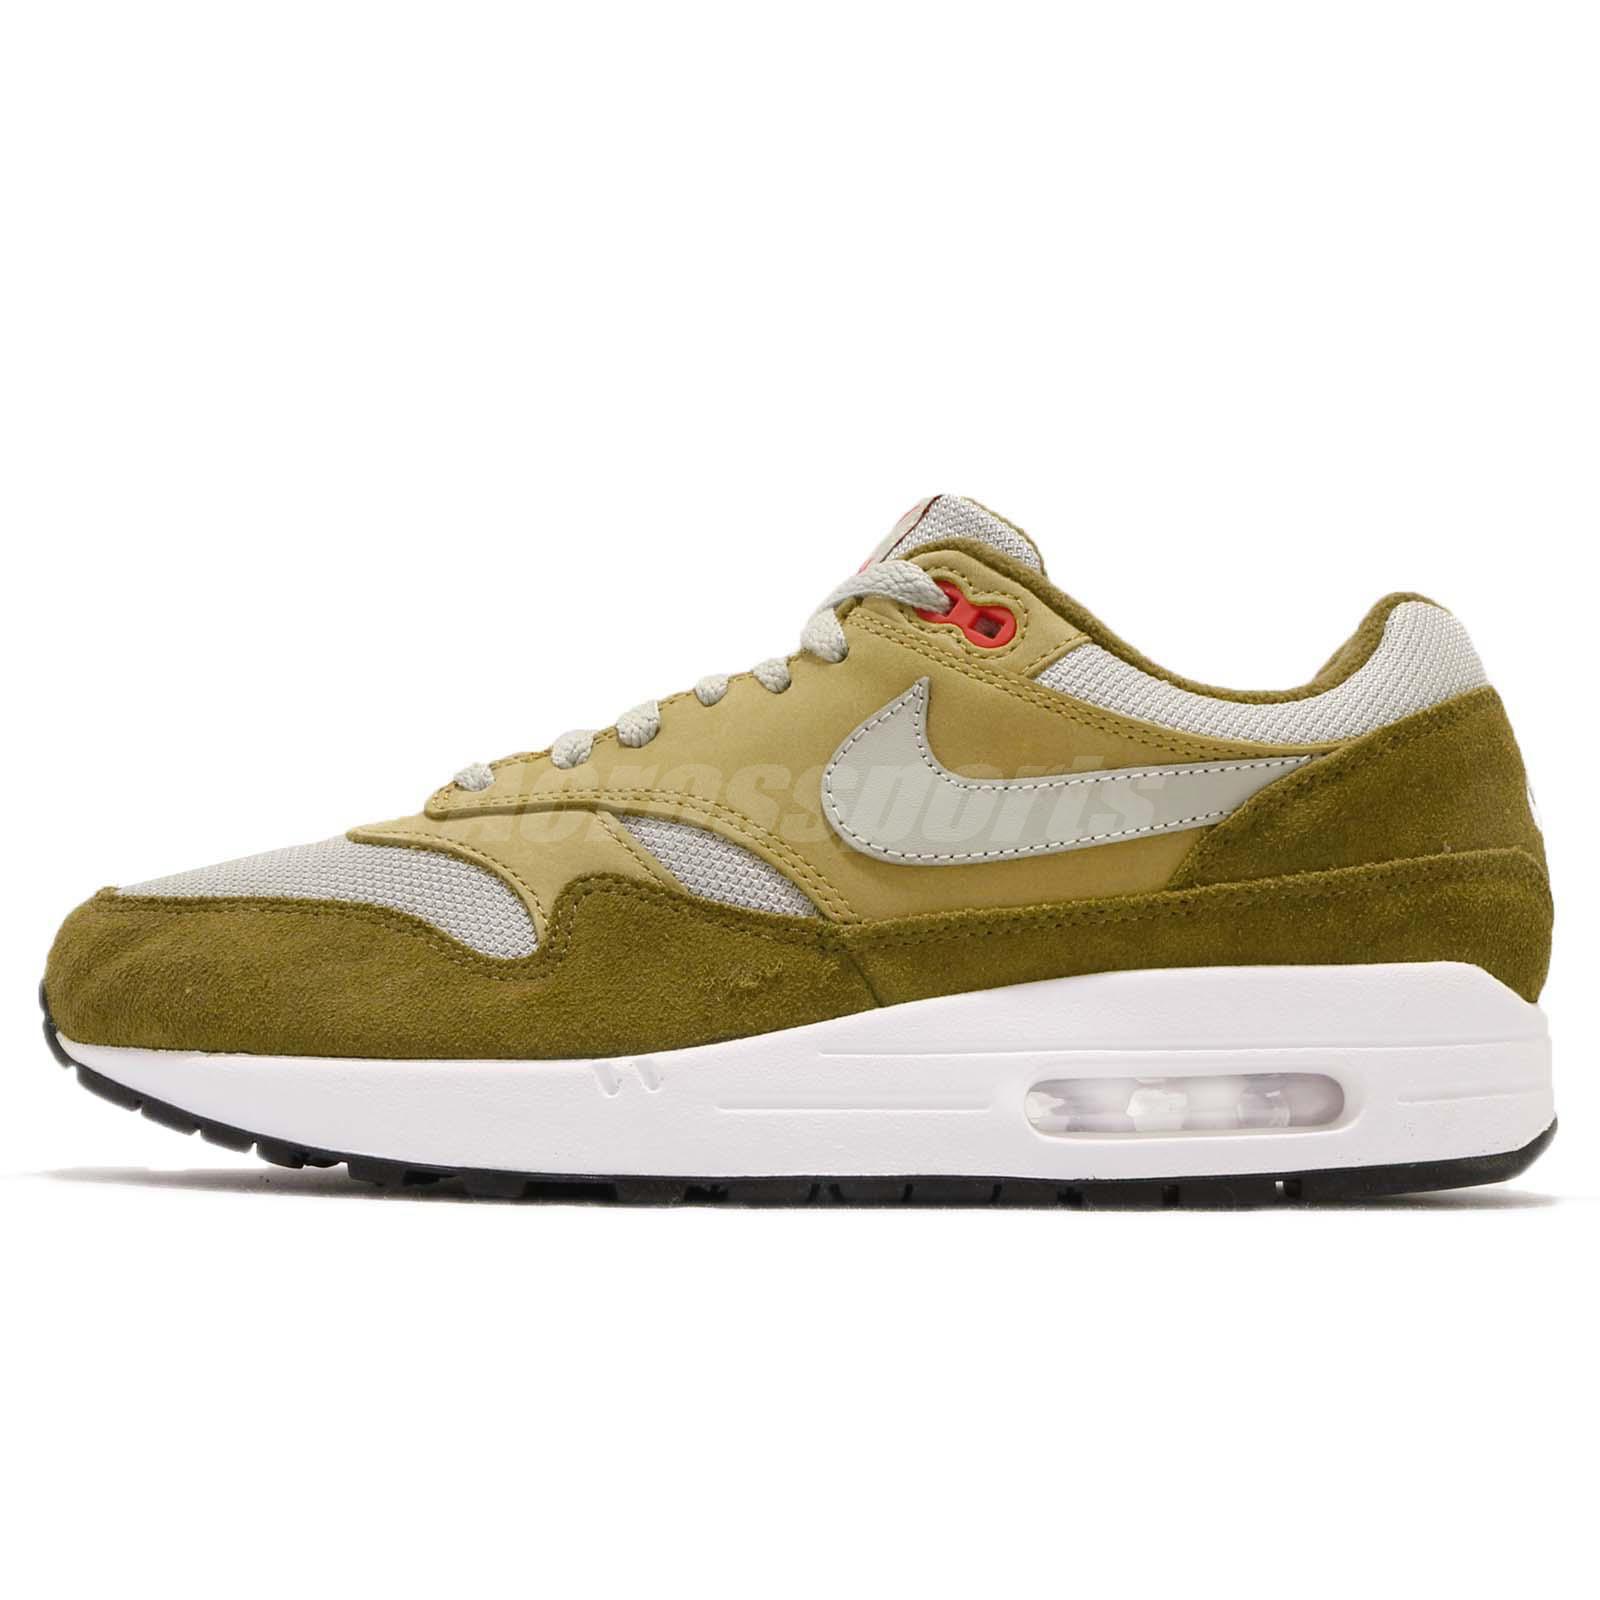 more photos 5ec29 663b6 atmos X Nike Air Max 1 Premium Retro Green Curry Men Running Shoes 908366- 300